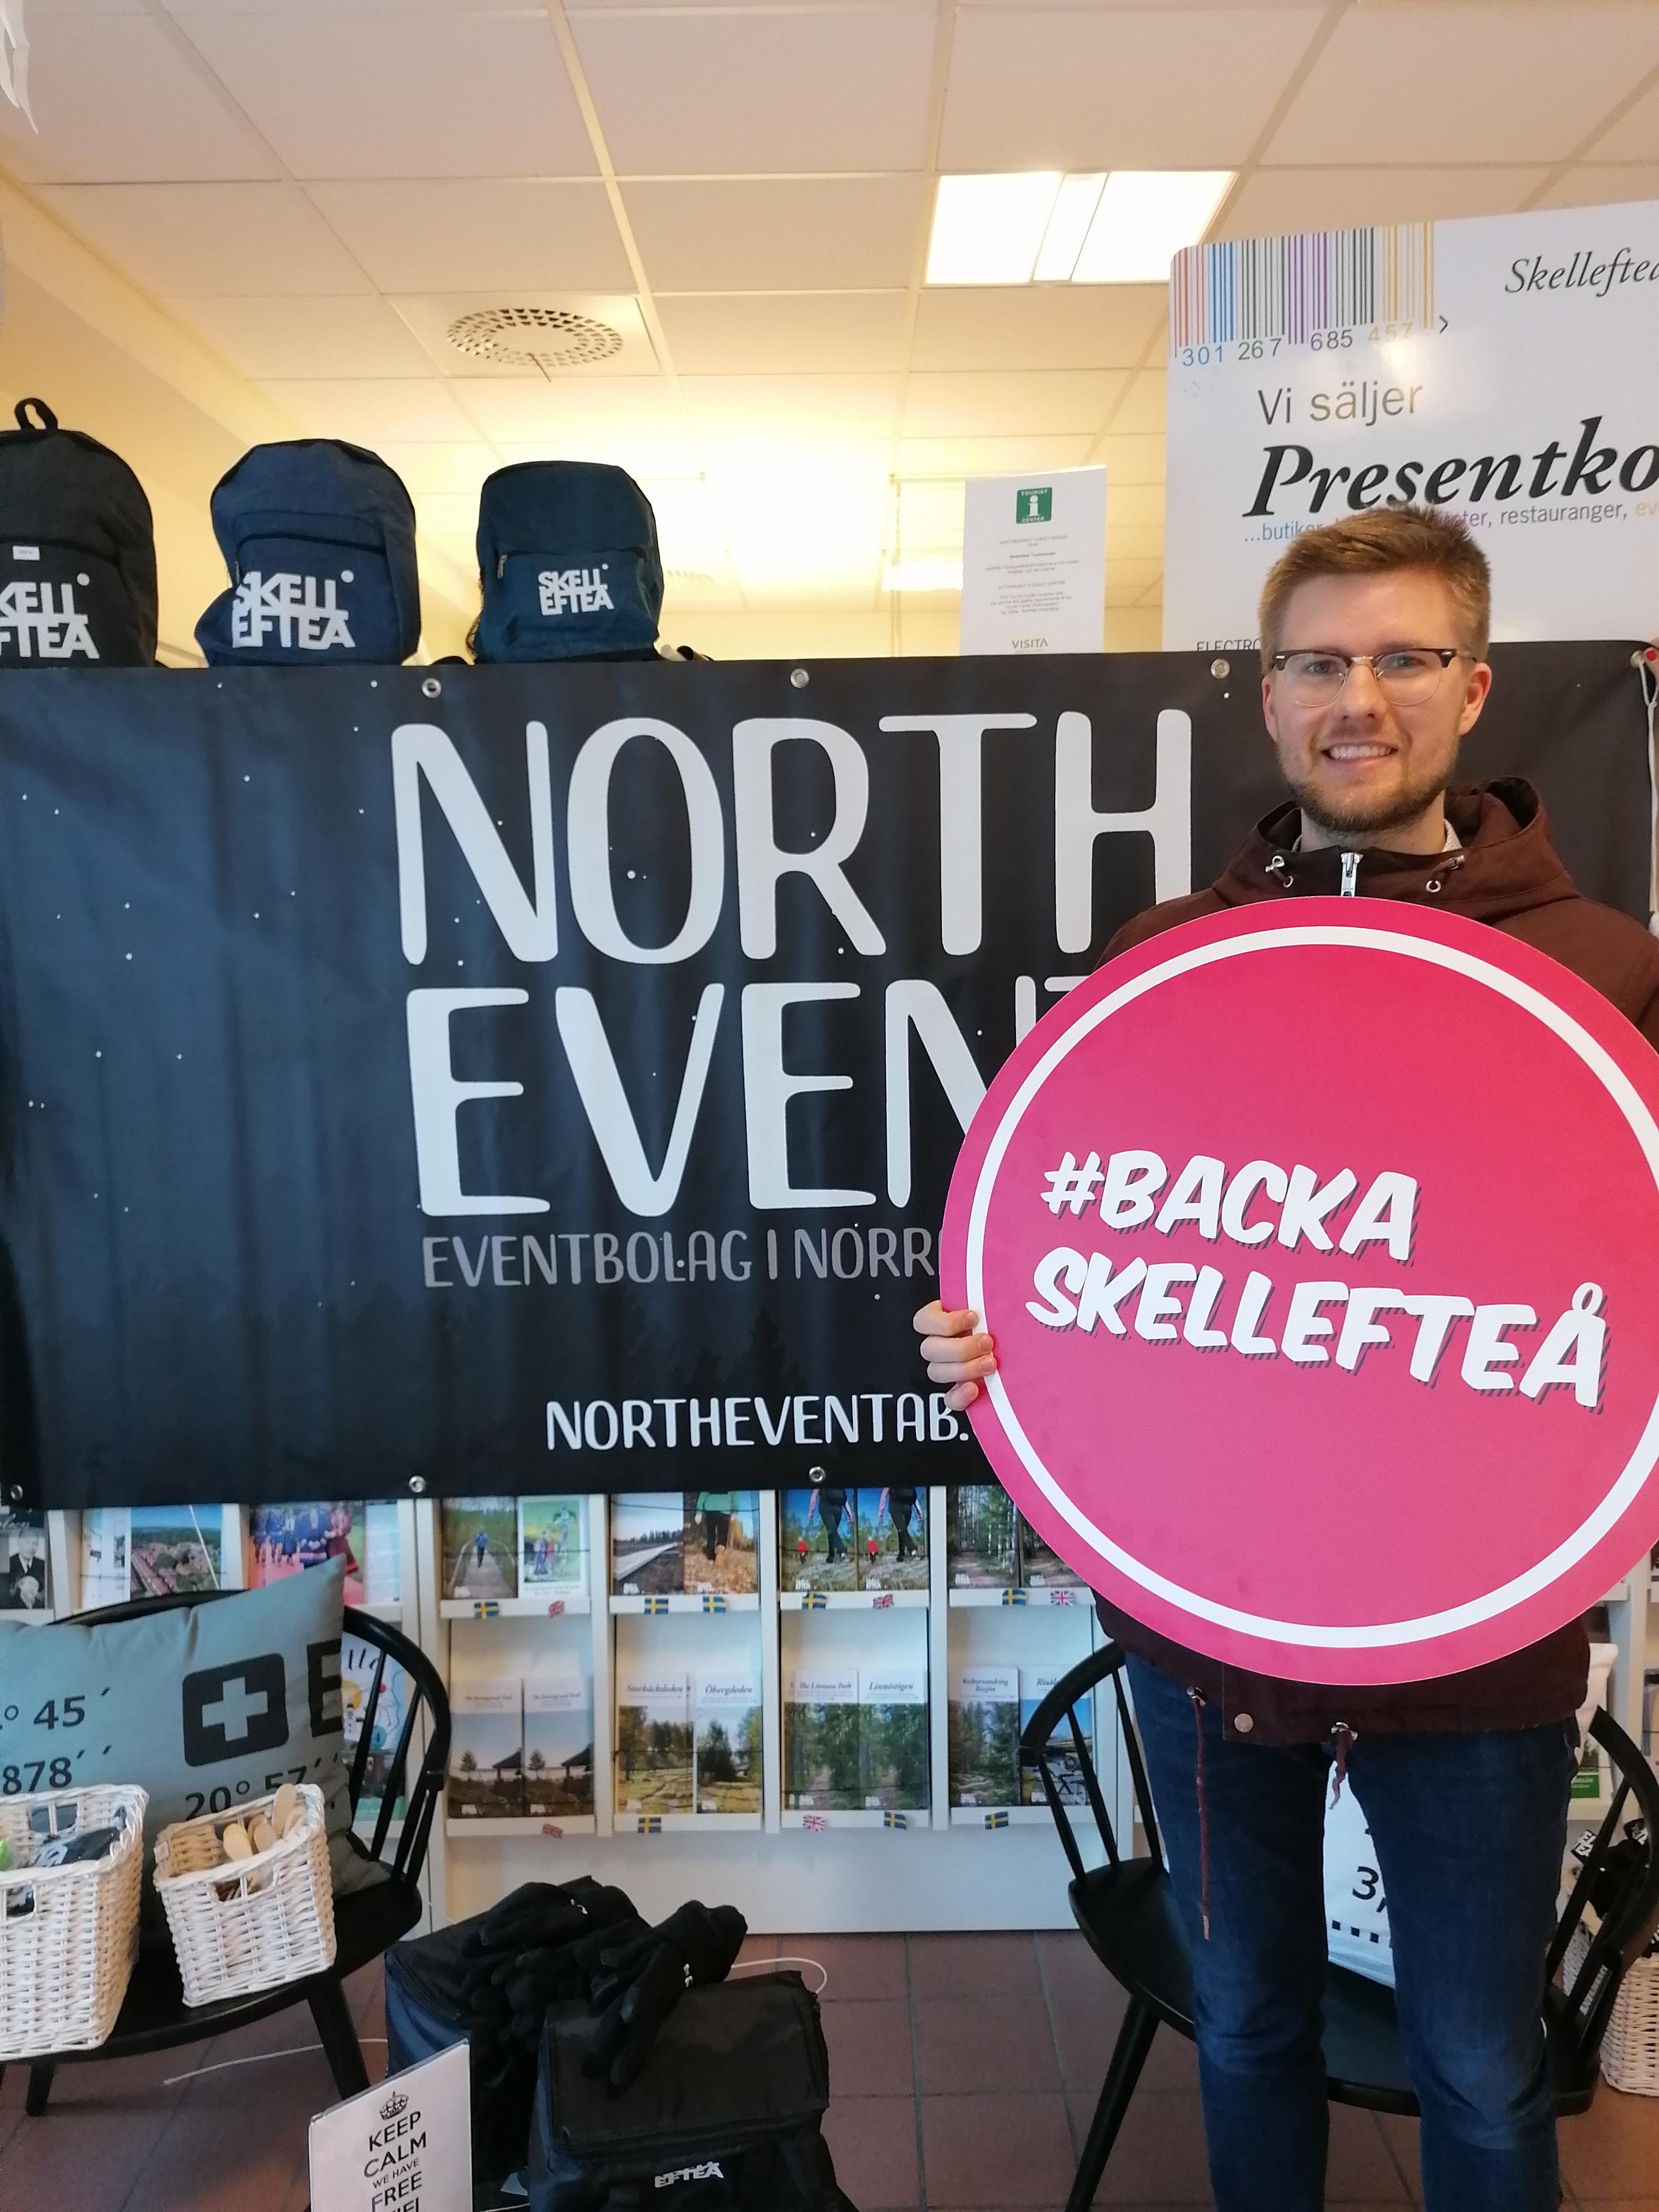 Backa Skellefteå - Backa Northevent